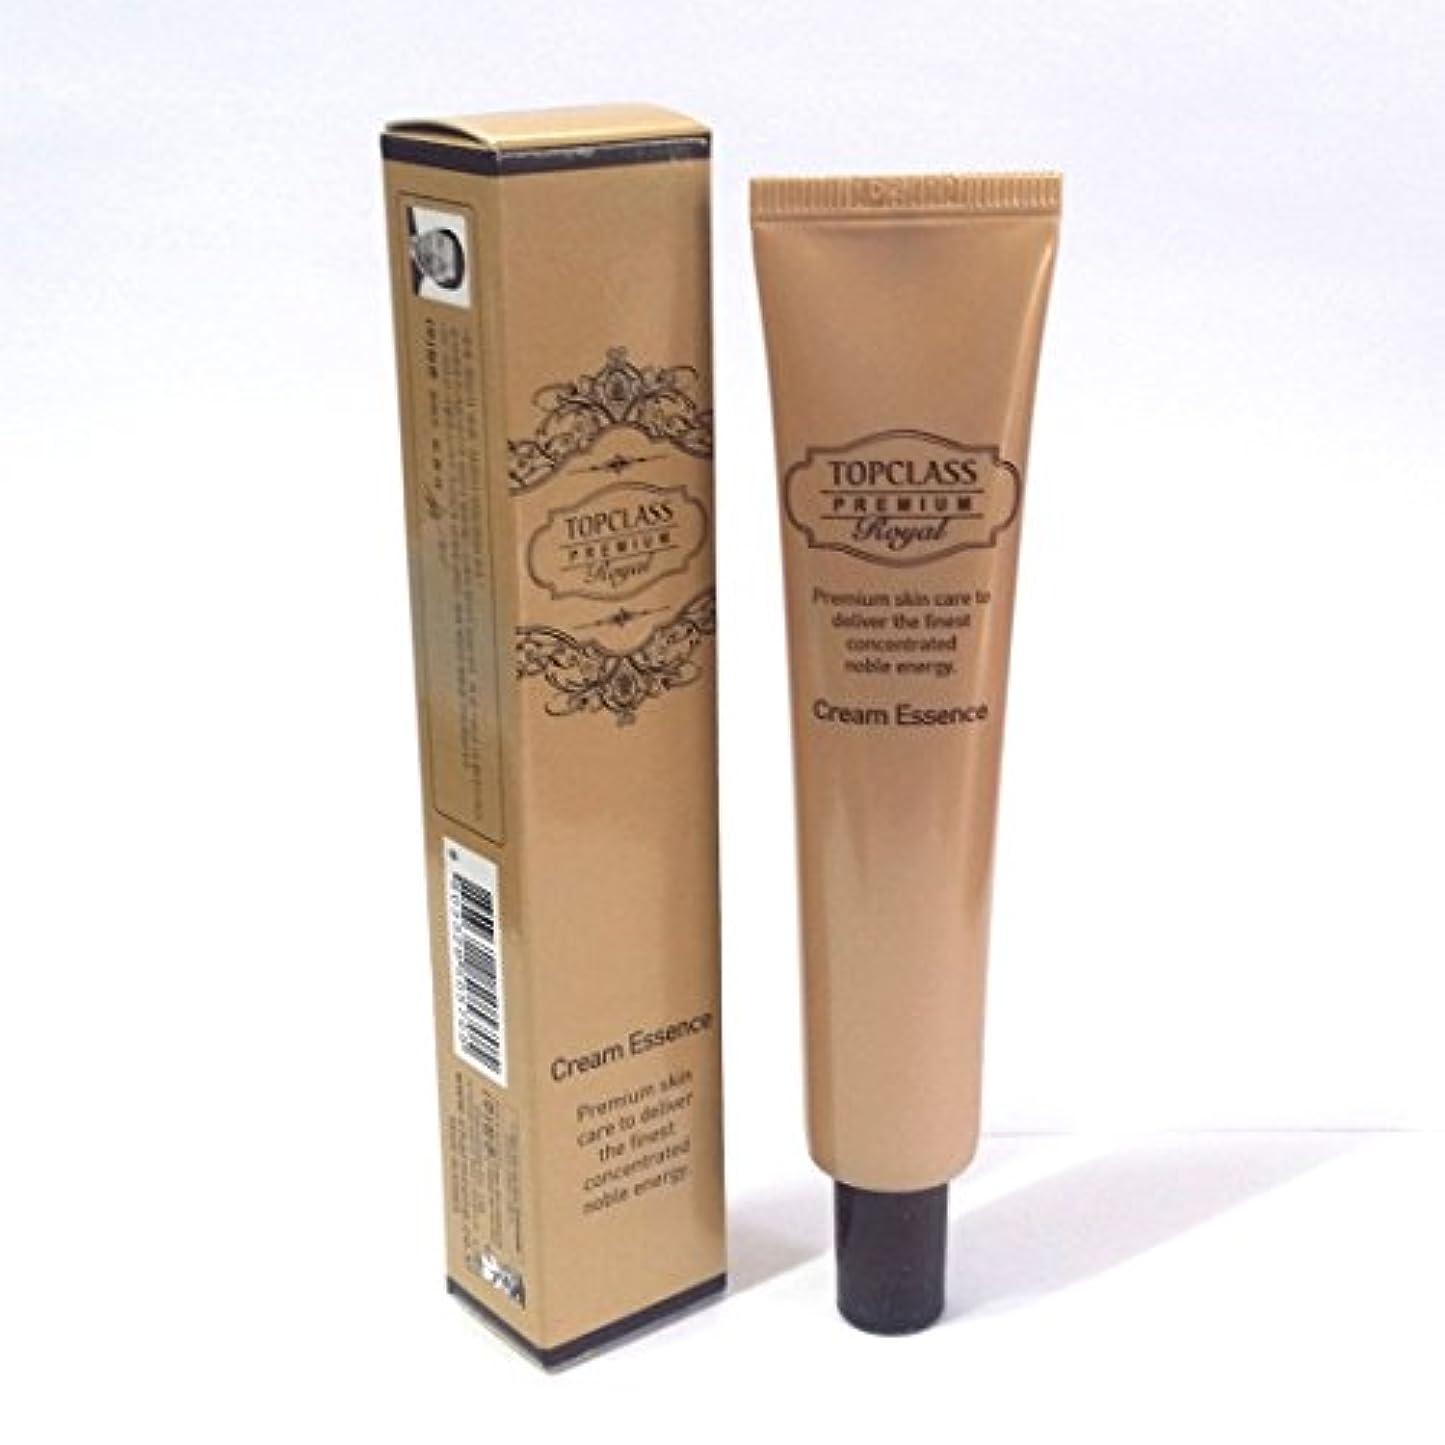 地質学常識難しい[TOPCLASS] プレミアムロイヤルクリームエッセンス30ml /Premium Royal Cream Essence 30ml/レジリエント&モイスチャー&スージング/韓国の化粧品 / Resilient & Moist & Soothing/ Korean Cosmetics (6EA) [並行輸入品]